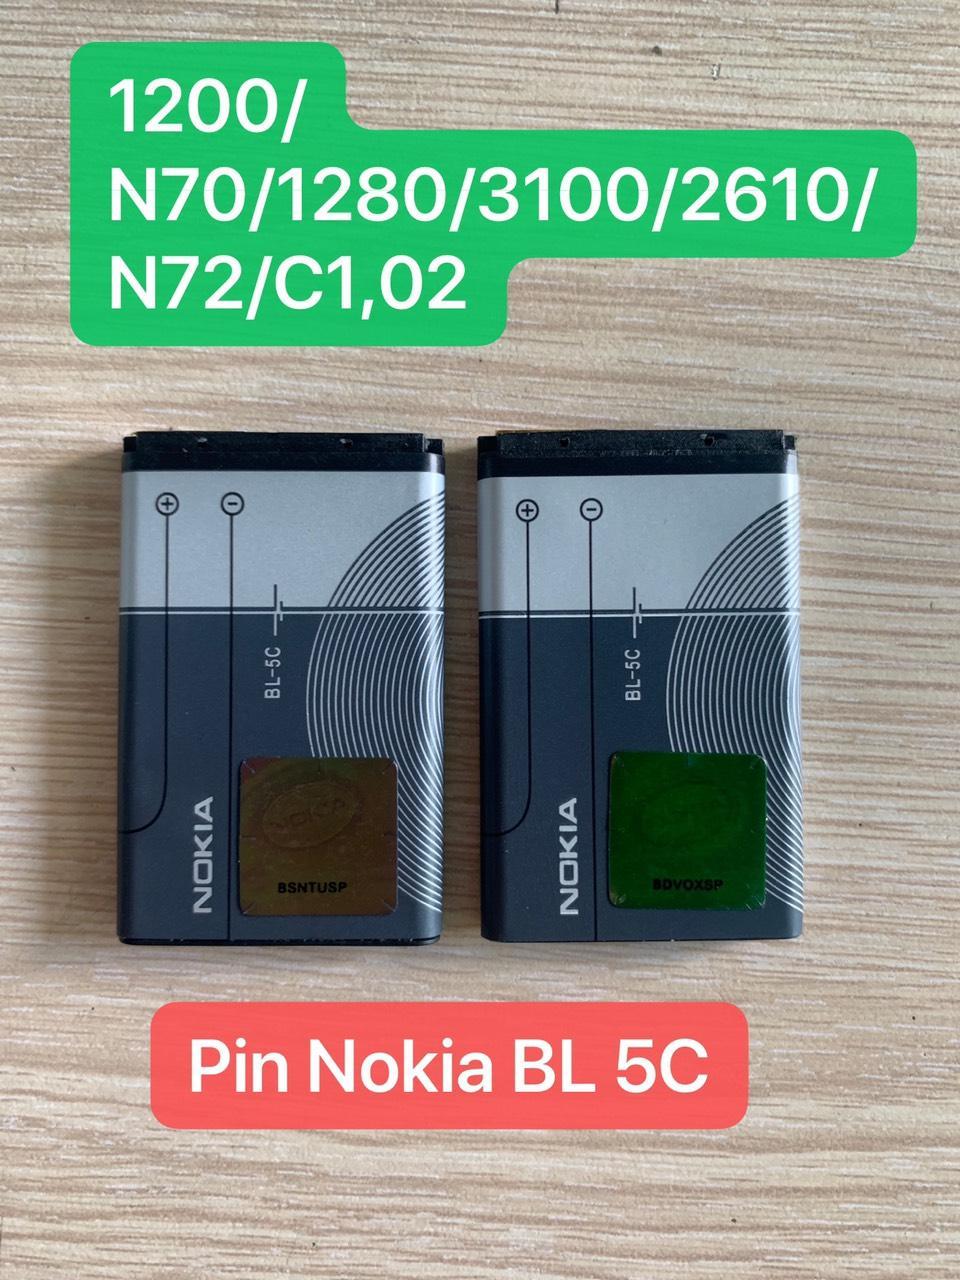 Deal Khuyến Mãi Pin Nokia BL 5C 1280 Bảo Hành 12 Tháng